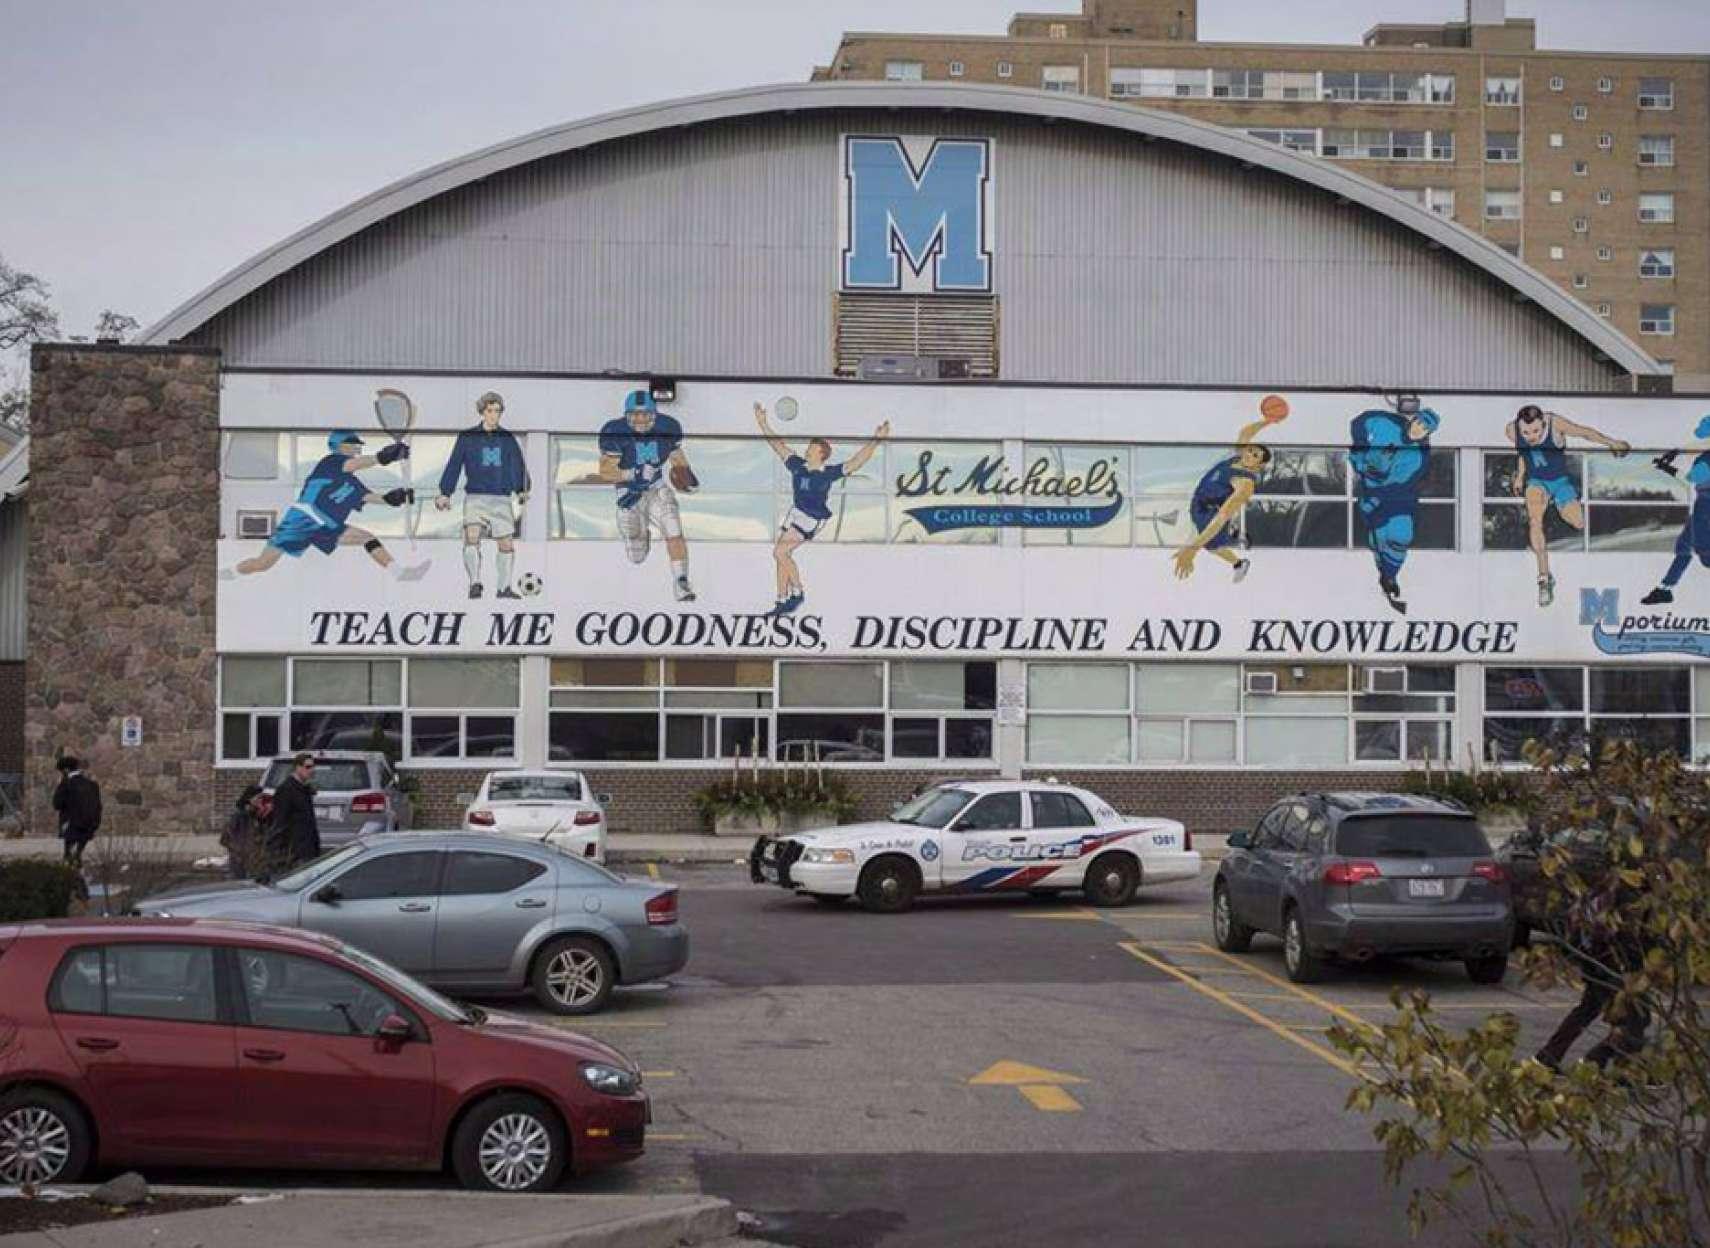 اخبار-تورنتو-محکومیت-دو-ساله-برای-متعرضان-نوجوان-مدرسه-تورنتویی